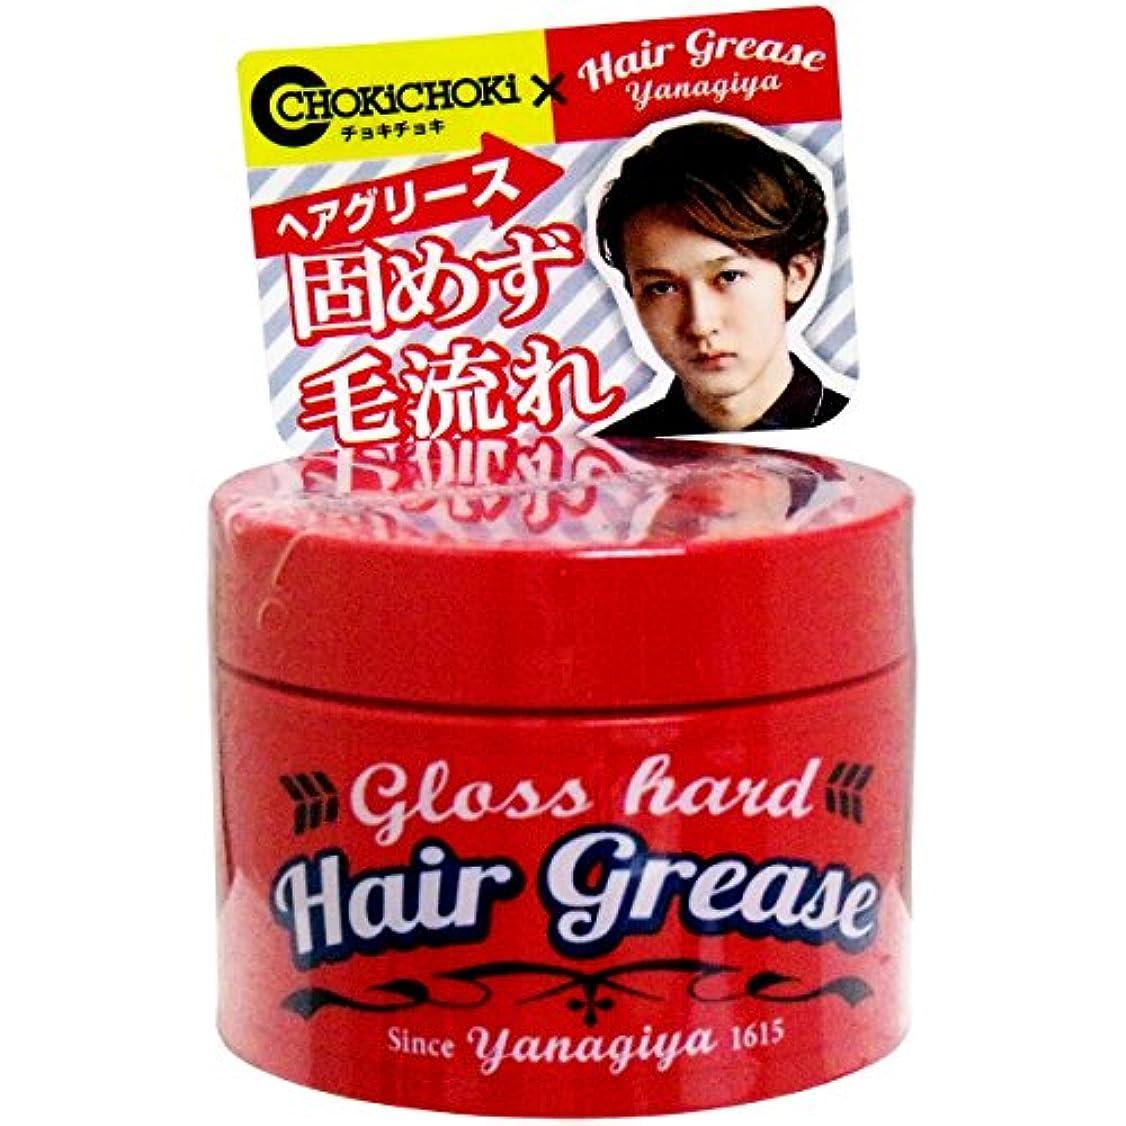 個性マネージャーのホストヘアワックス 固めず毛流れ 使いやすい YANAGIYA ヘアグリース グロスハード 90g入【5個セット】